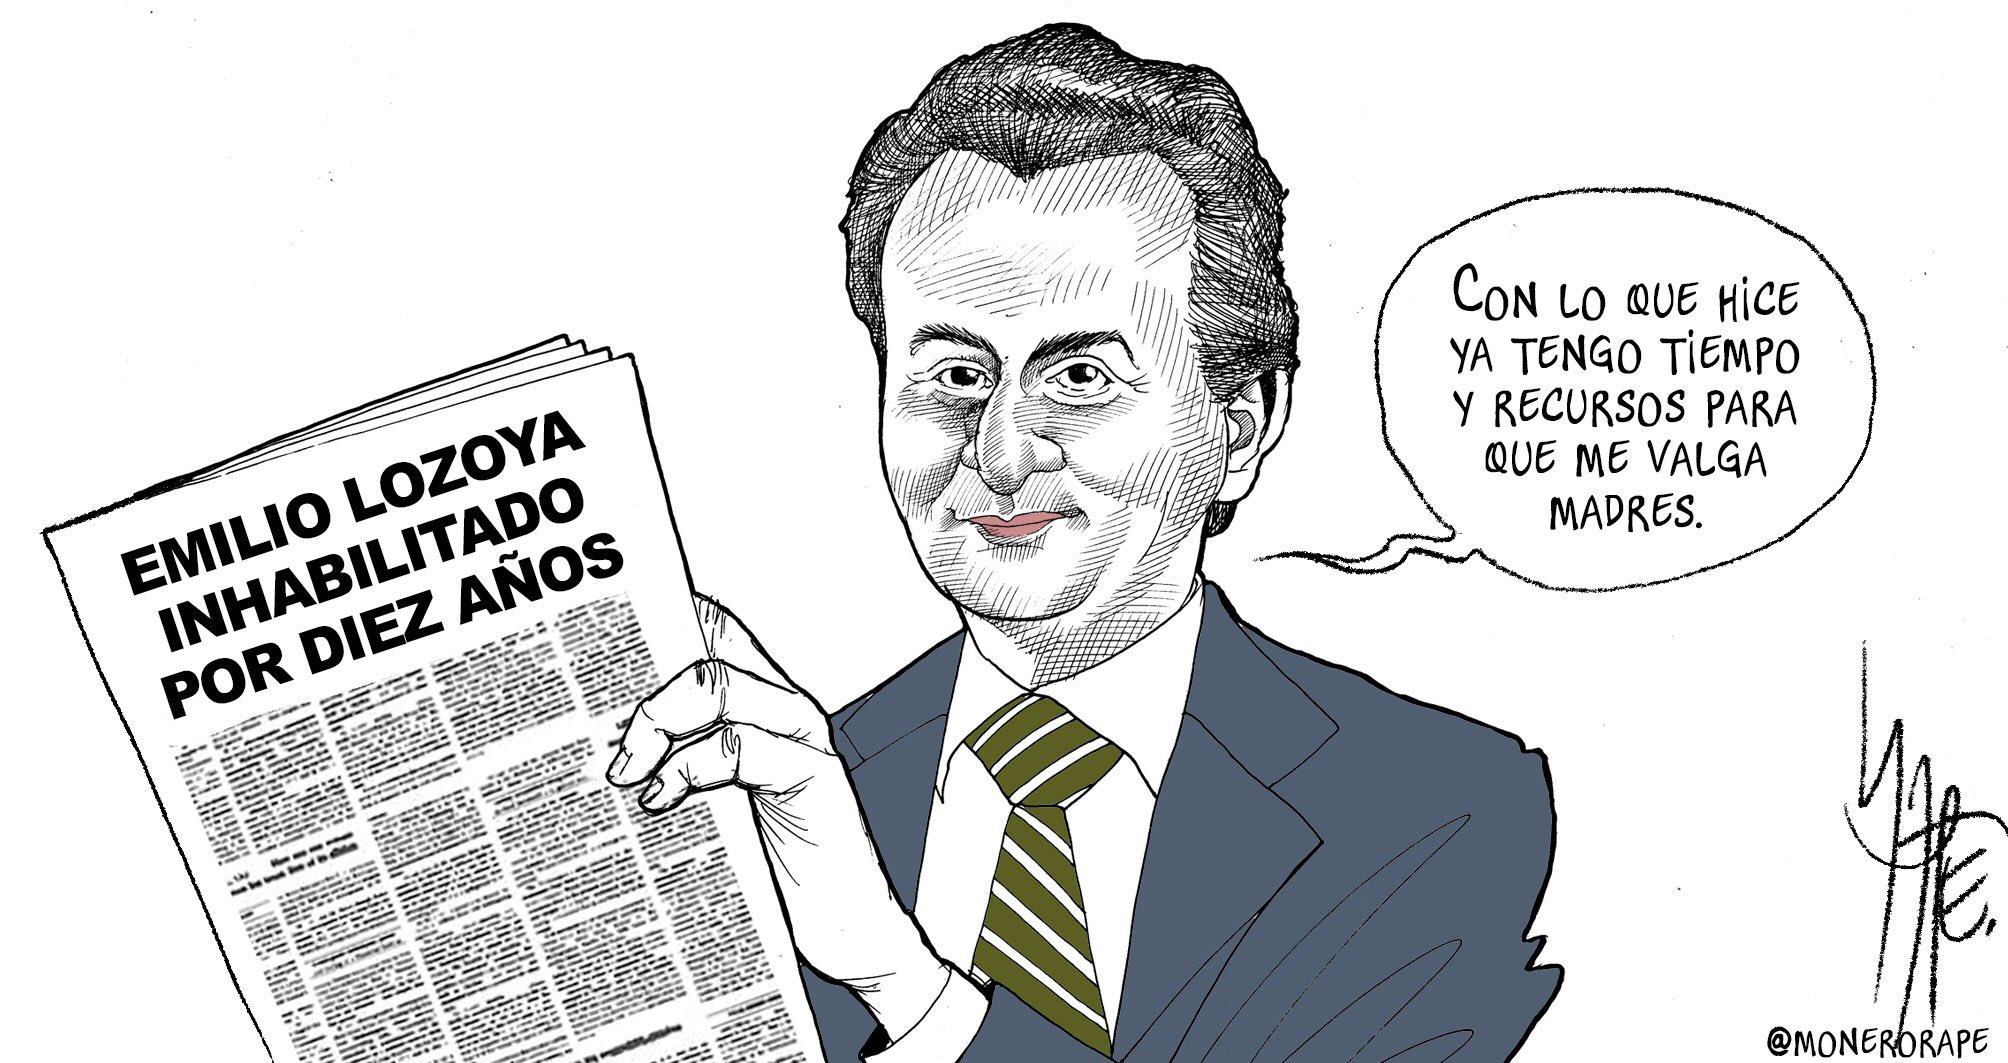 """Monero Rapé ✍🏼 on Twitter: """"Sanción de risa a Emilio Lozoya. Cartón en  @Milenio… """""""